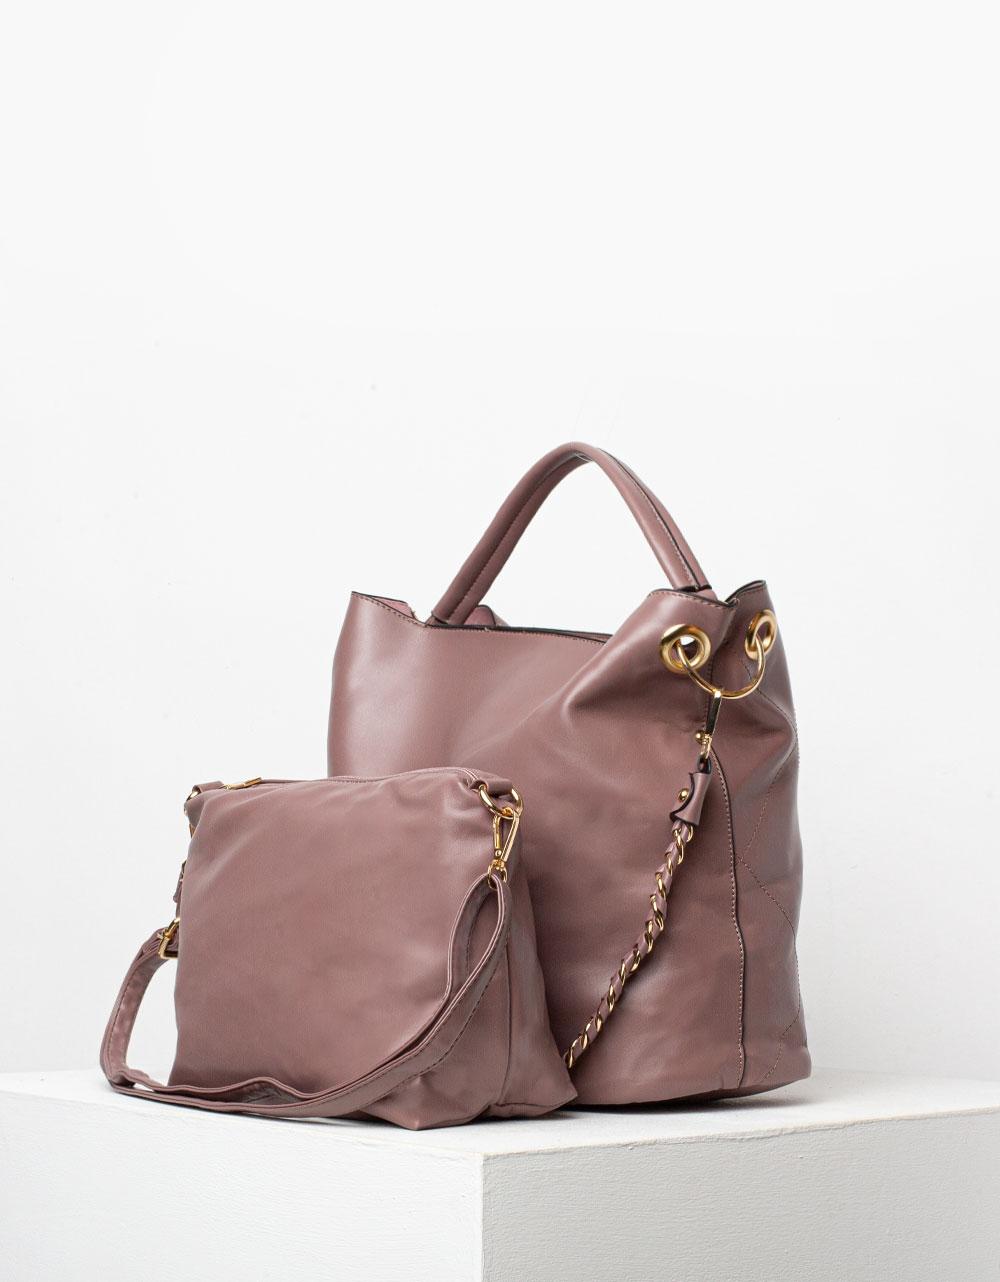 Εικόνα από Γυναικεία τσάντα με διακοσμητικές ραφές και τσαντάκι νεσεσέρ Ροζ